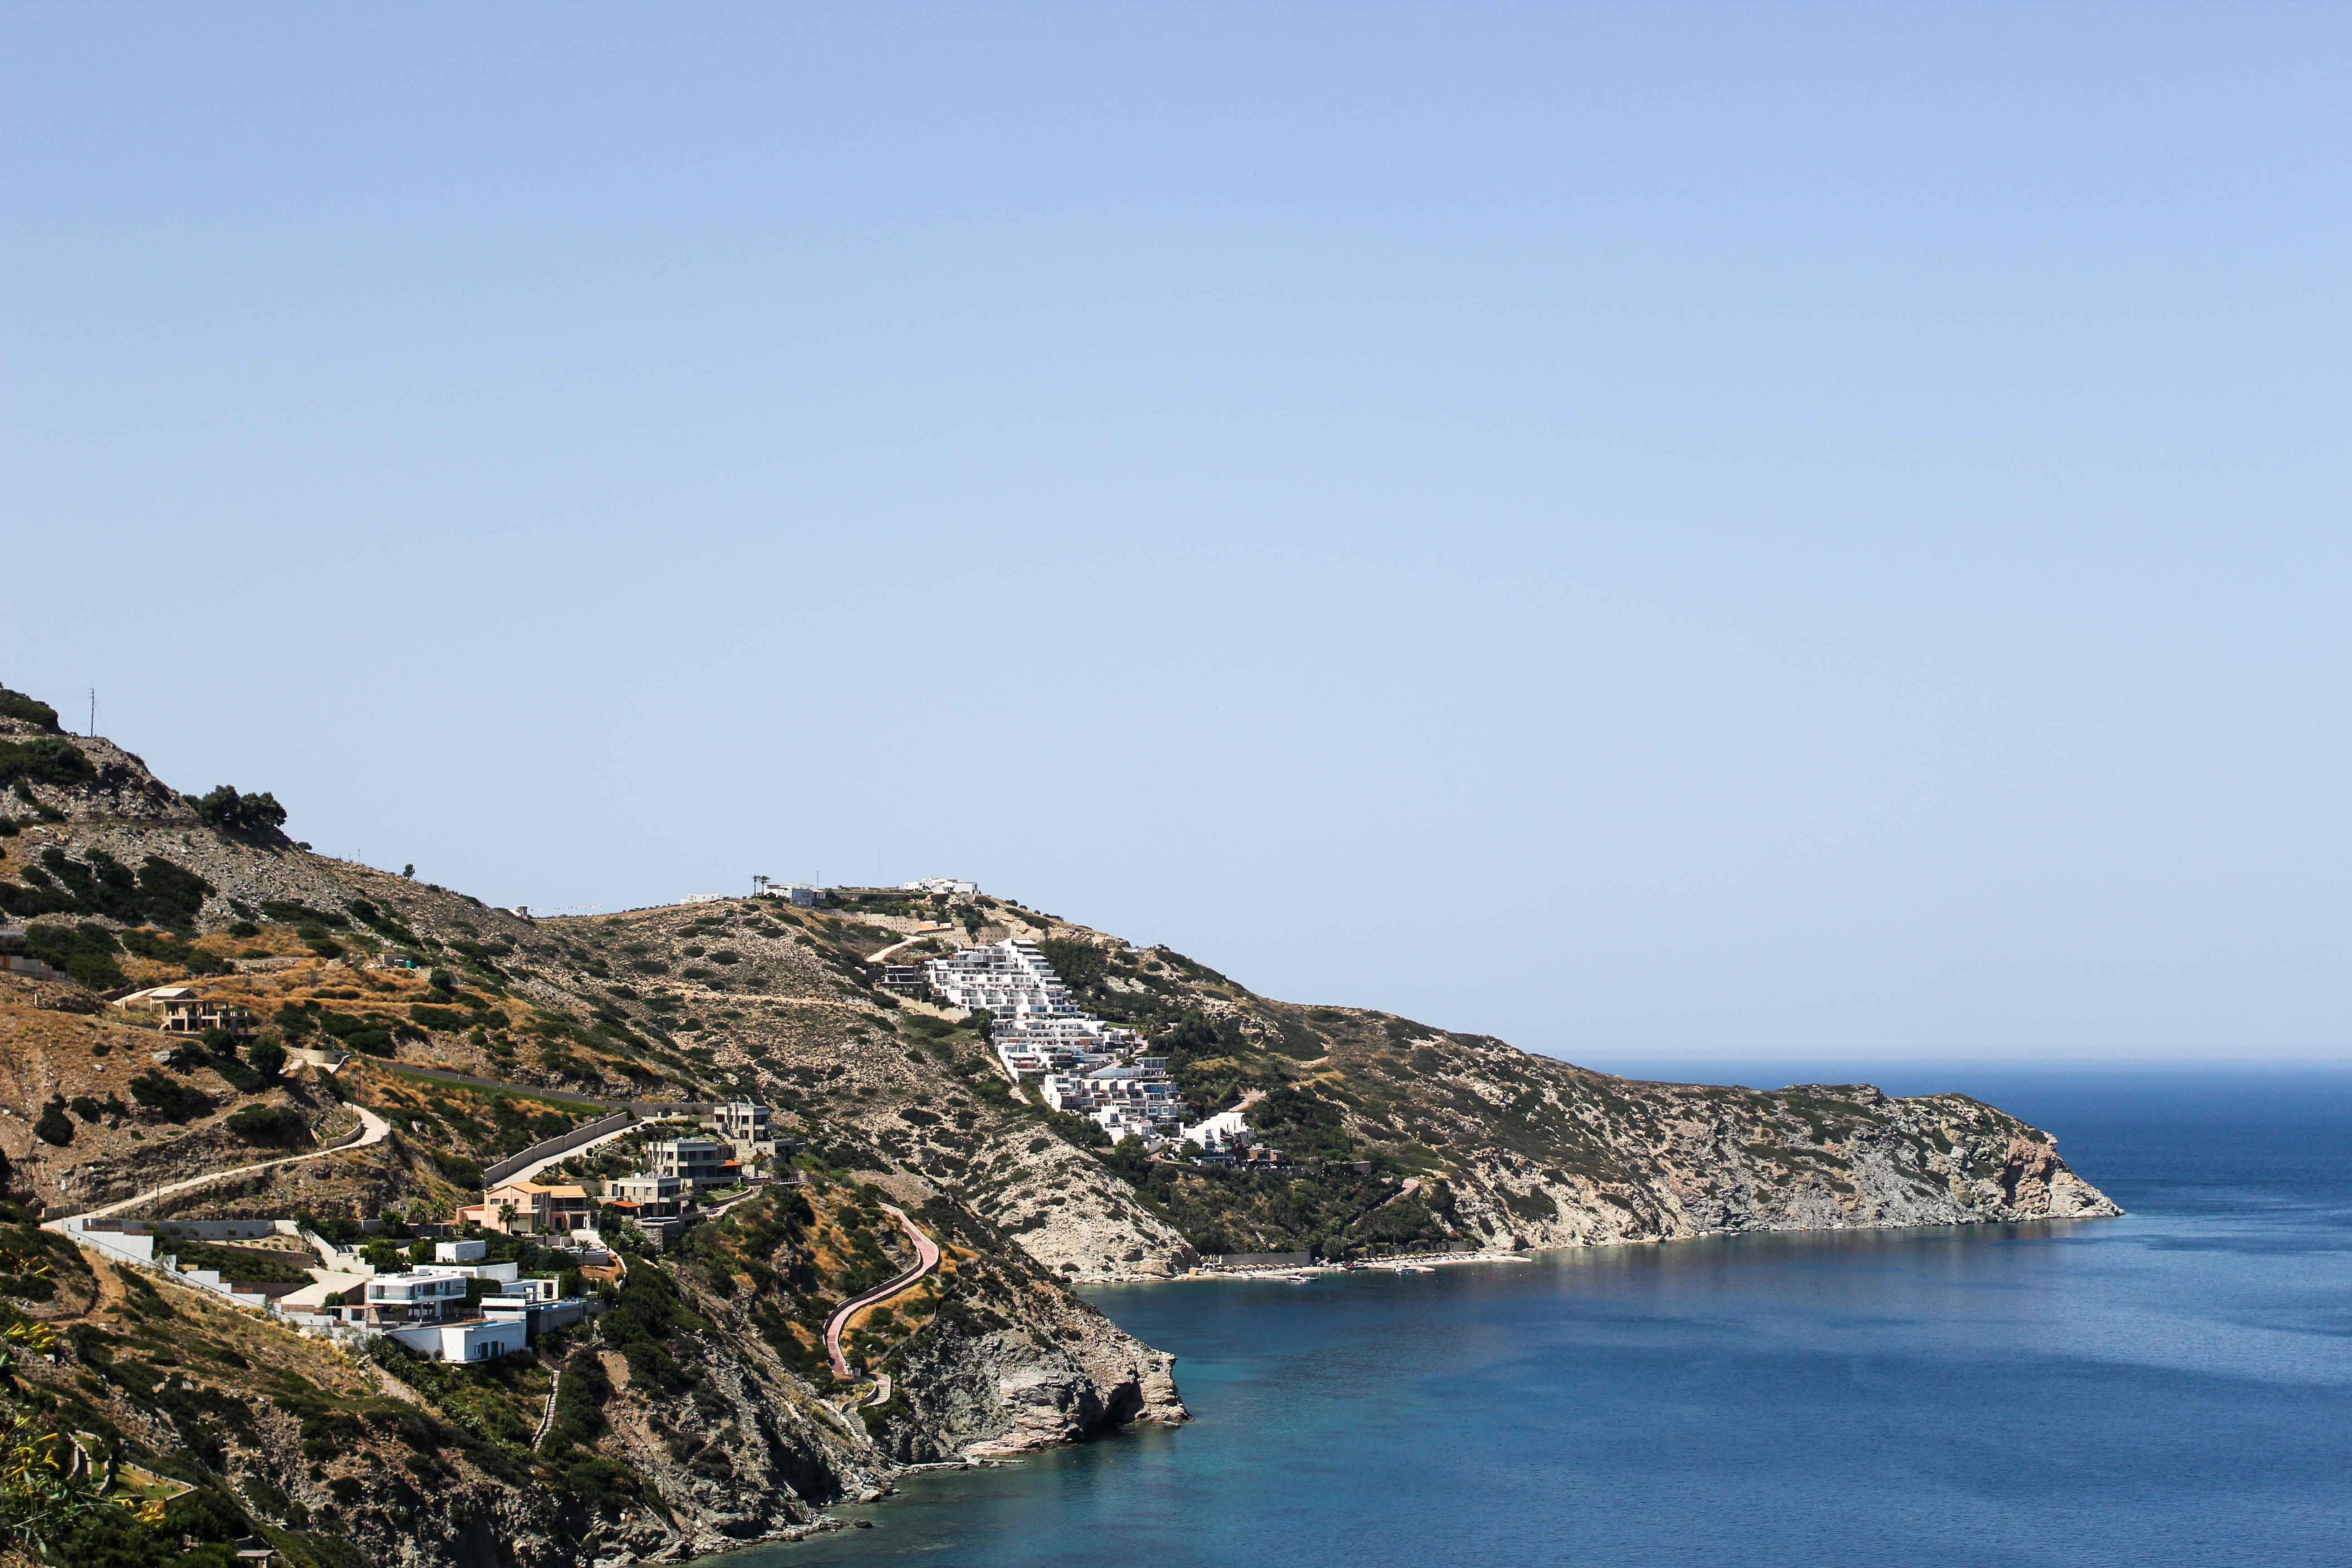 Top Kreta Sightseeing Kreta Sehenswürdigkeiten für einen Tagesausflug Meer Klippe Ausflug Mietwagen blog